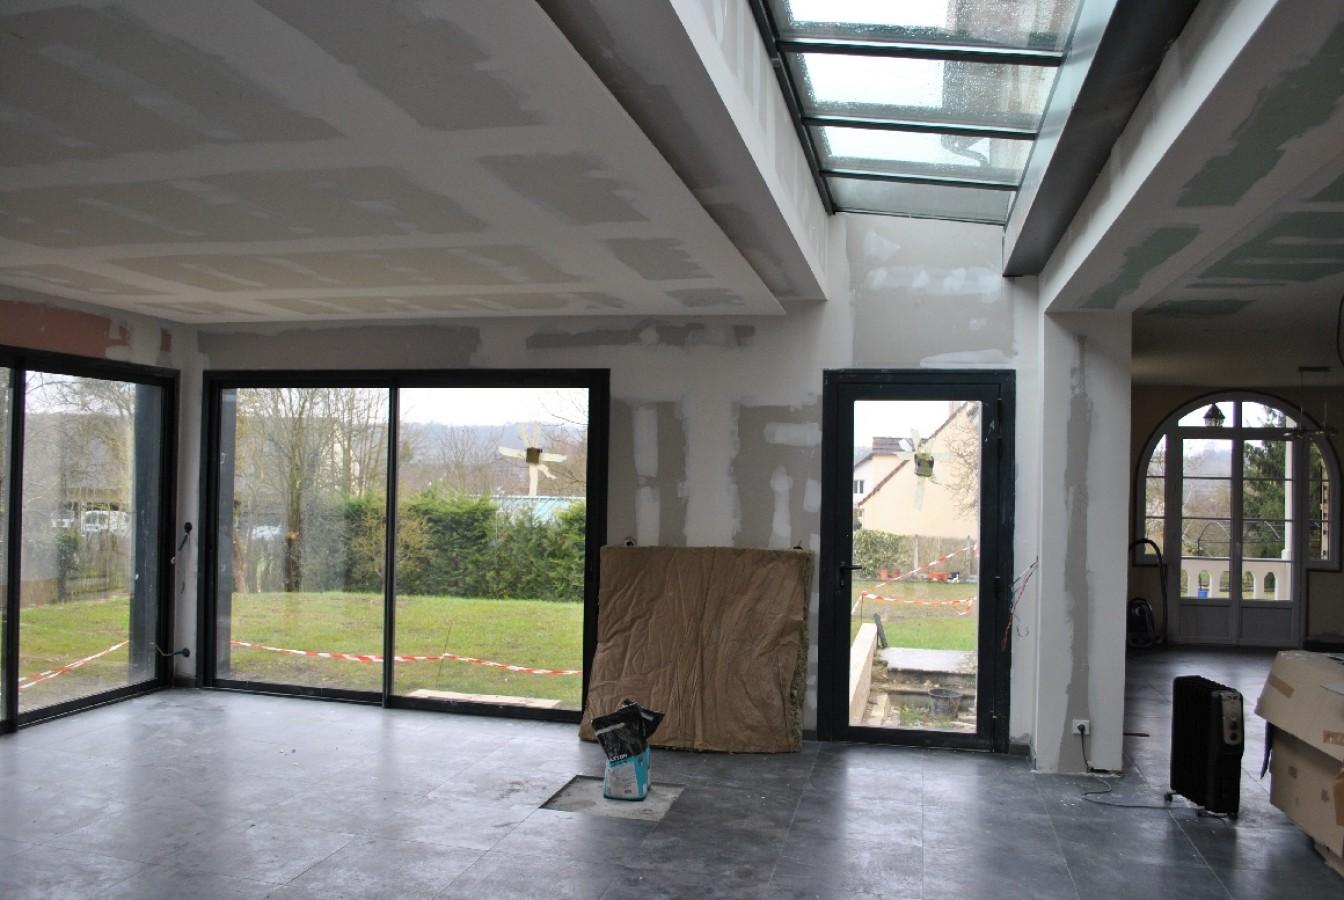 Maison Avec Travaux 77 tekart architecture – architectes associés : concepteur de